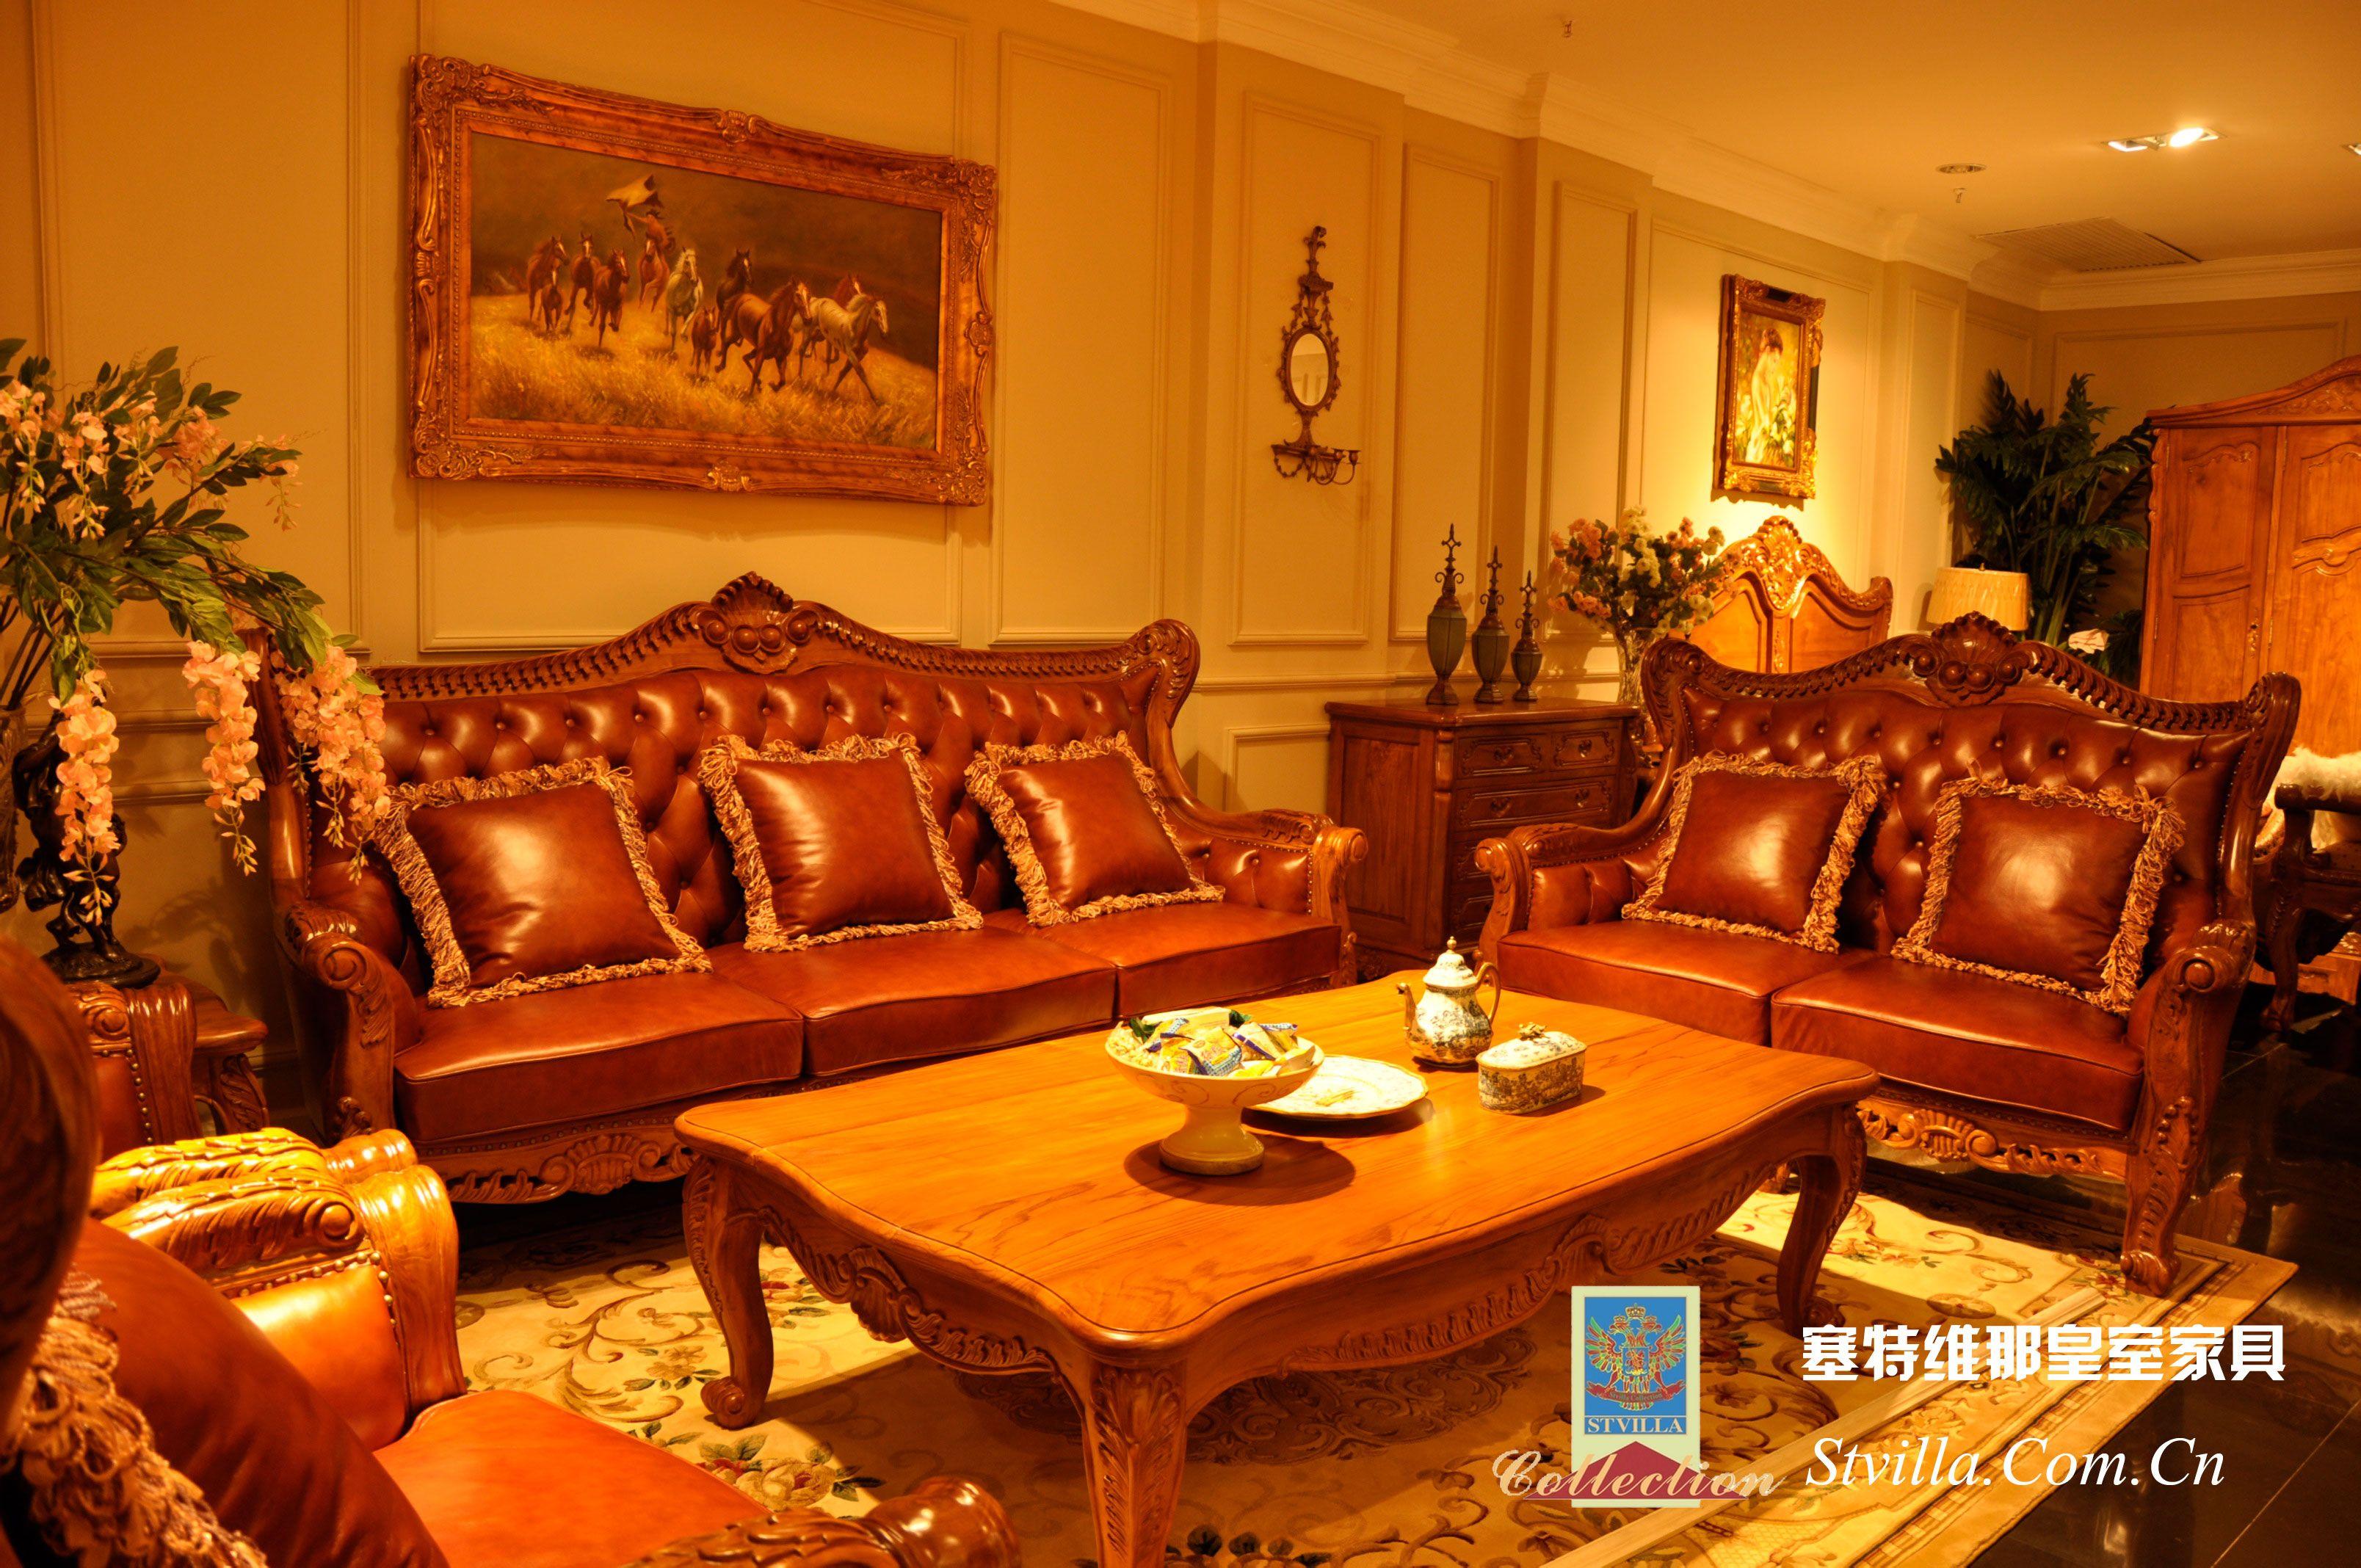 求欧式家具品牌的图片图片